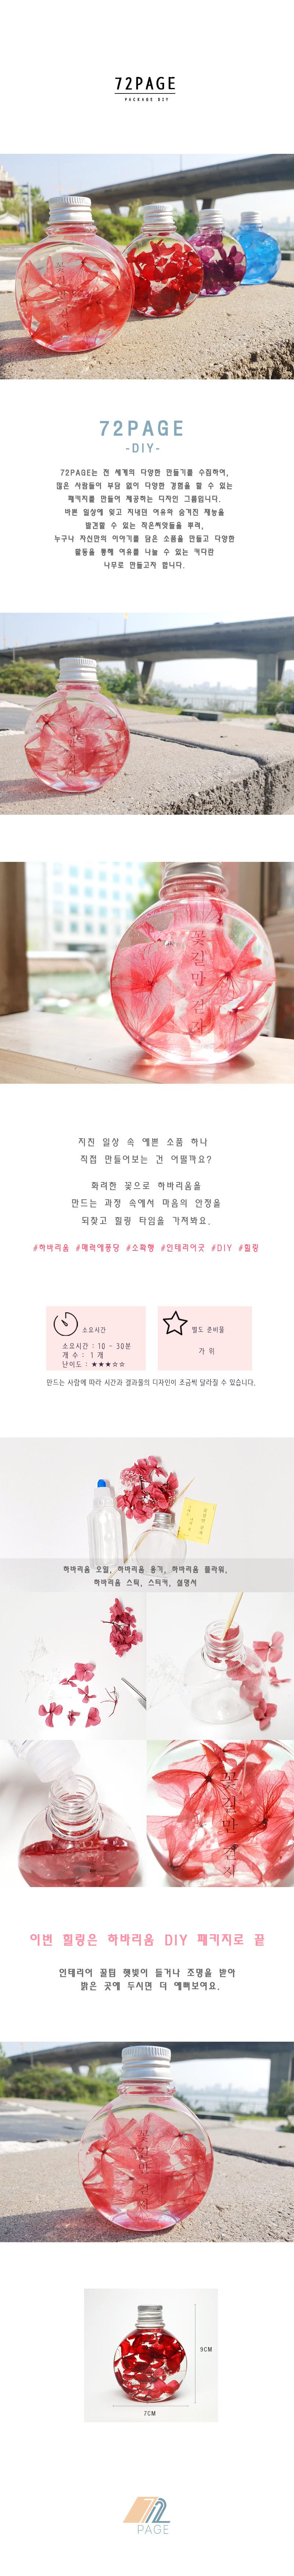 원형 분홍 수국 하바리움 만들기 패키지 DIY - 72페이지, 10,000원, 조화, 프리저브드